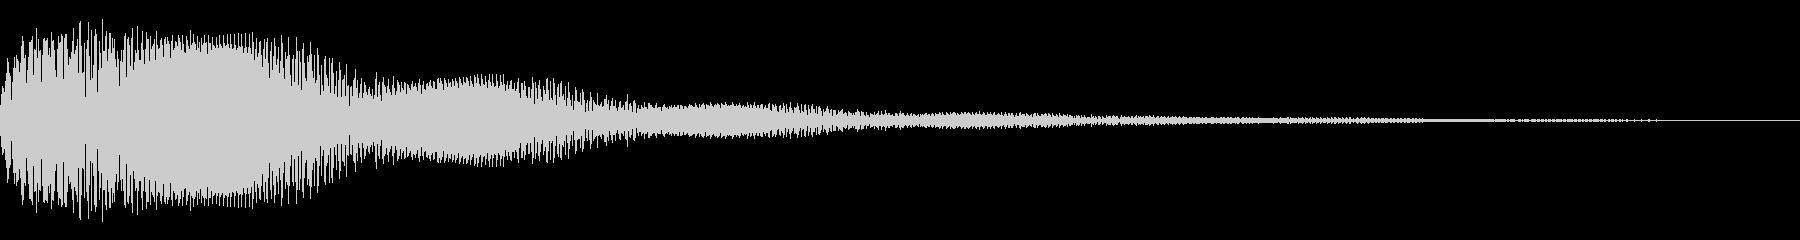 ポワン(電子音の獲得音)の未再生の波形